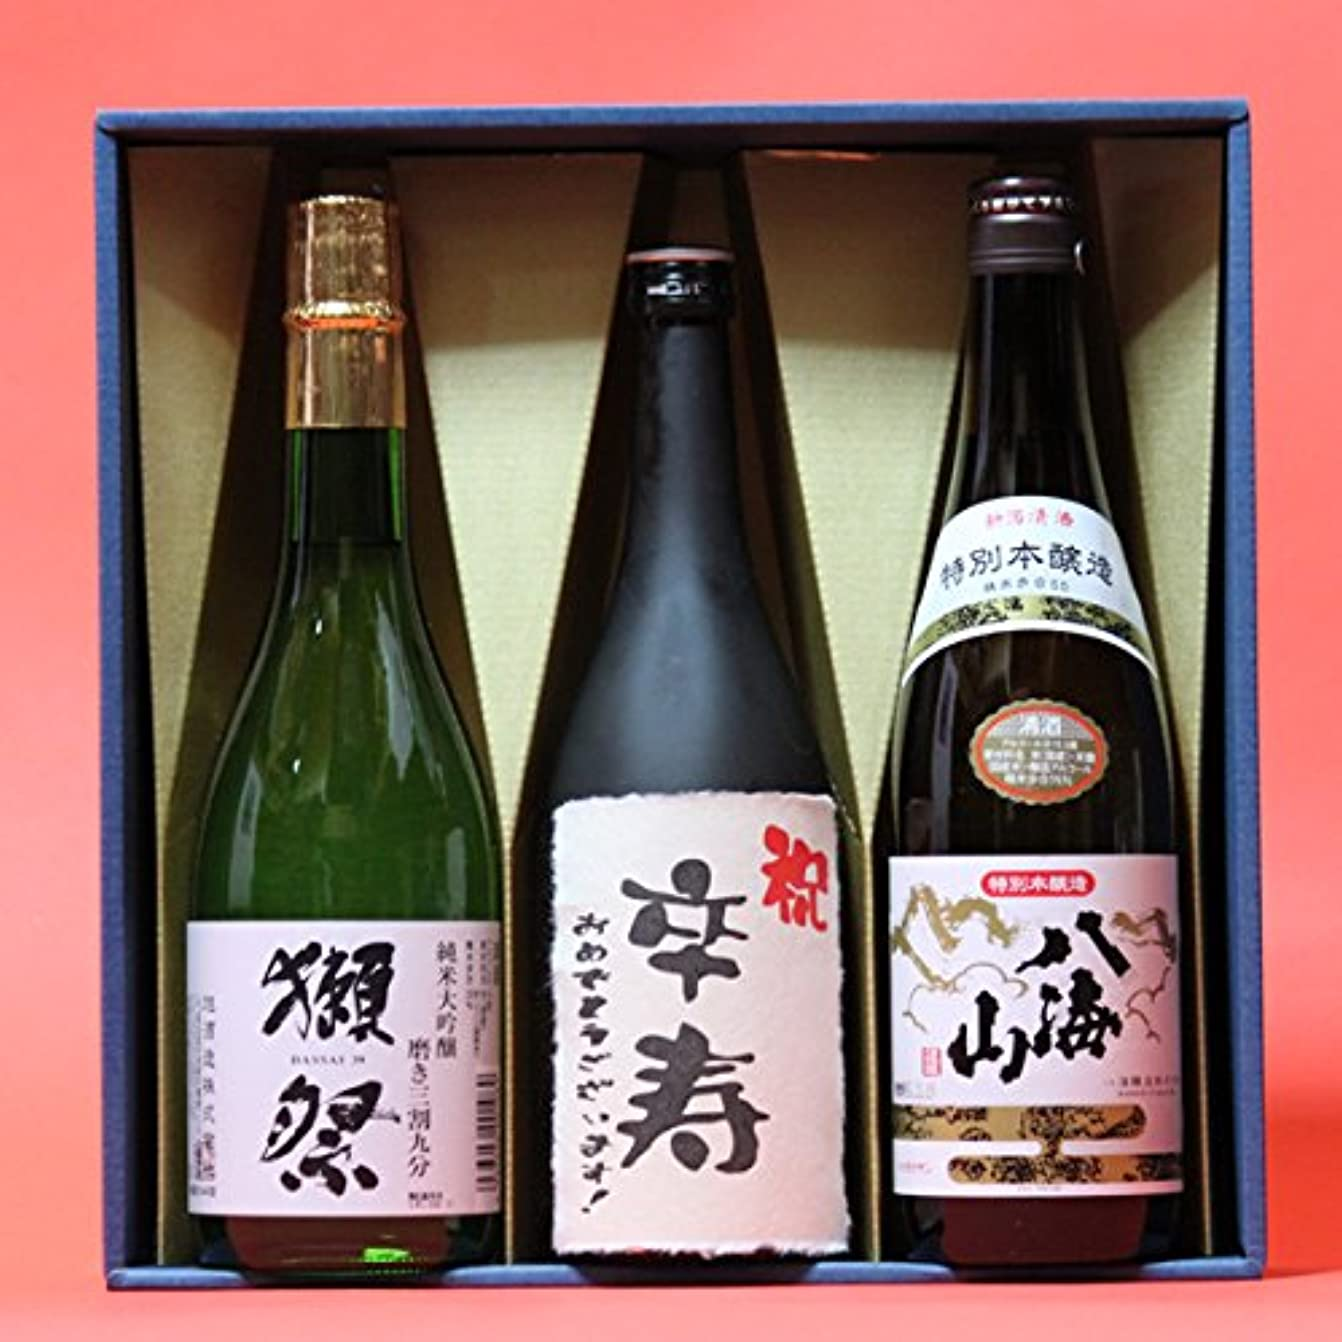 パラシュートリーズ植物学卒寿〔そつじゅ〕(90歳)おめでとうございます!日本酒本醸造+獺祭(だっさい)39+八海山本醸造720ml 3本ギフト箱 茶色クラフト紙ラッピング 祝卒寿のし 飲み比べセット